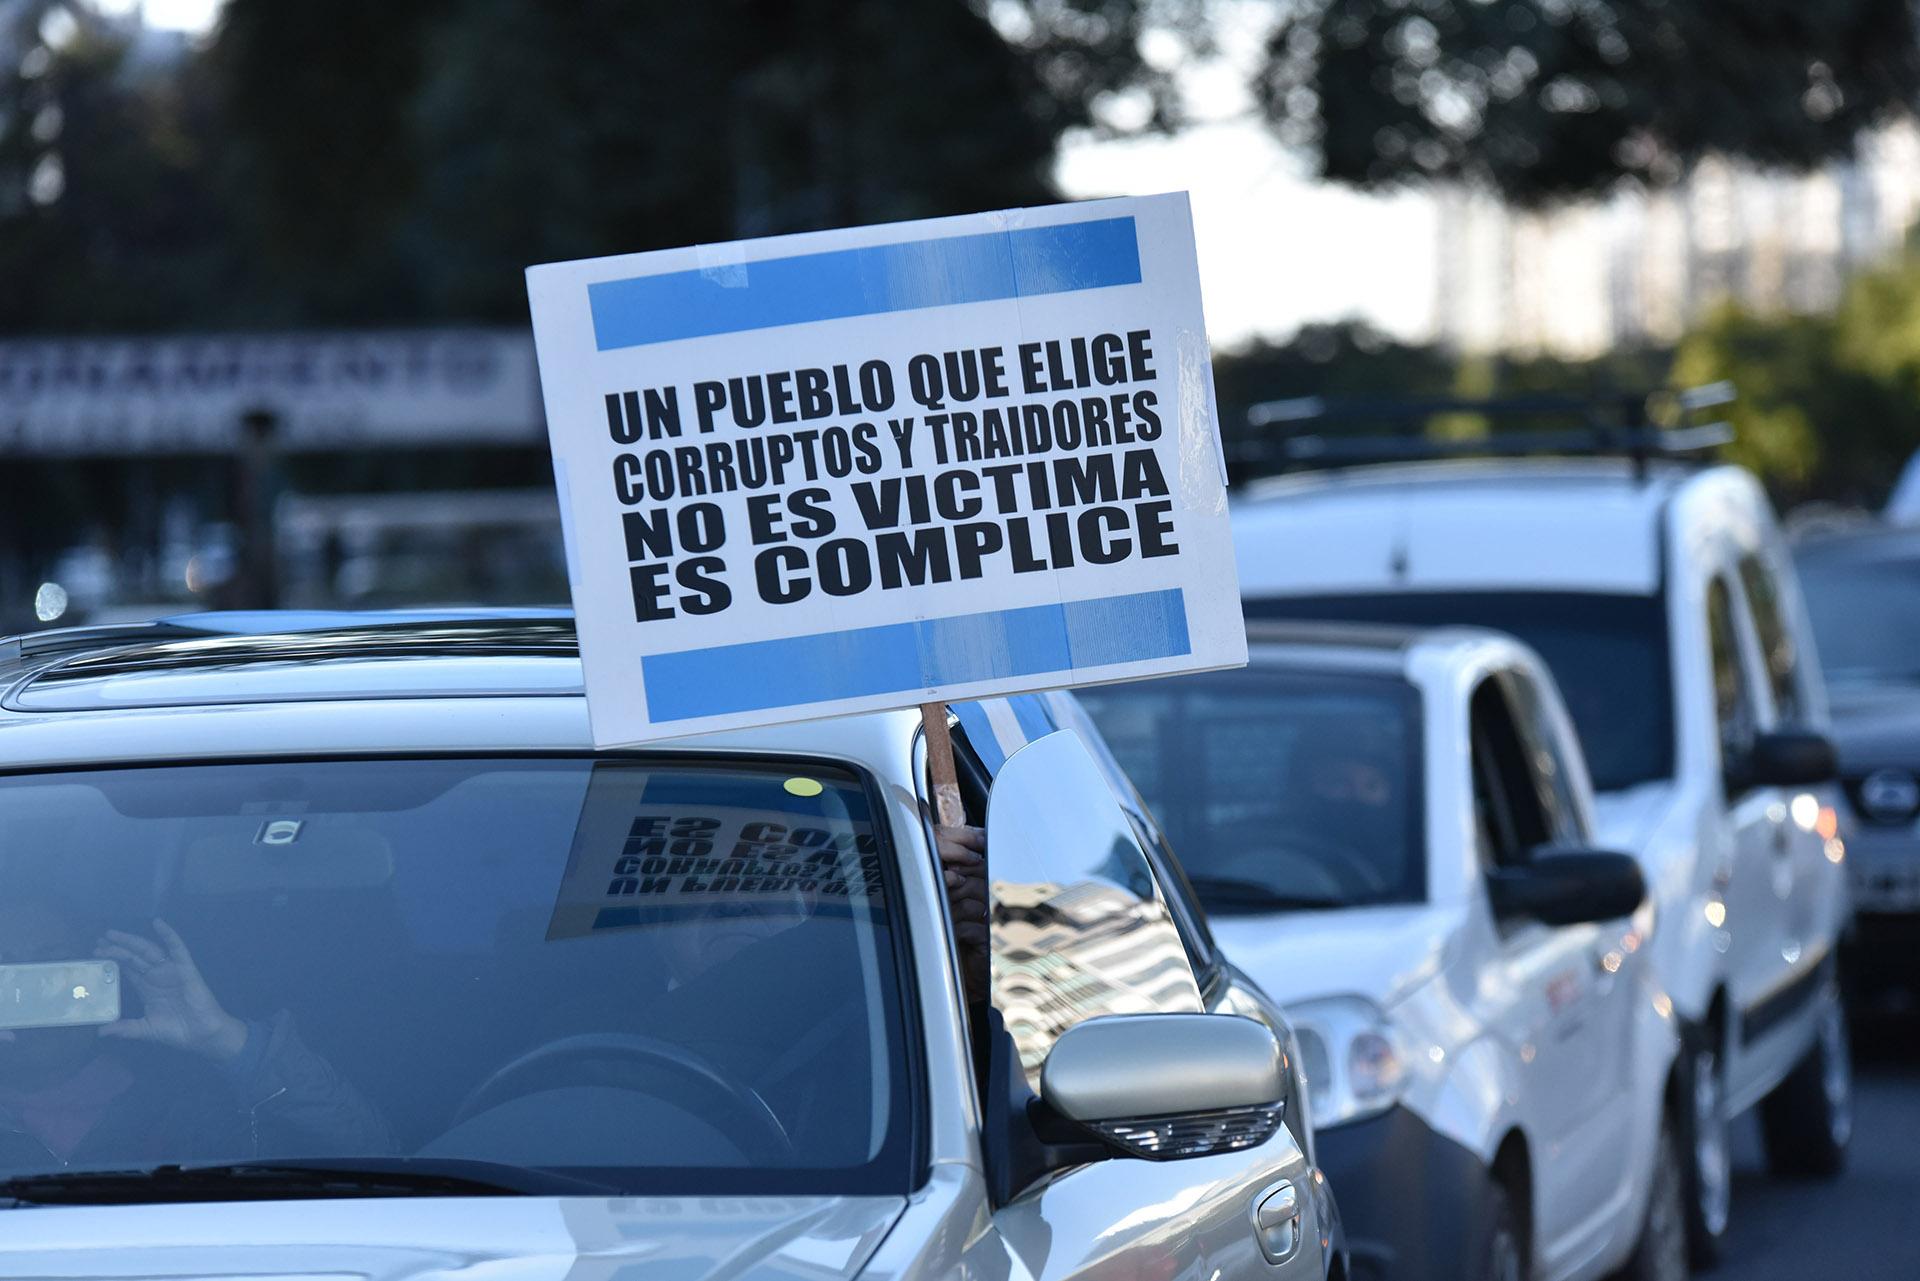 La grieta política de la Argentina quedó expuesta en los carteles y banderas que llevaron los manifestantes